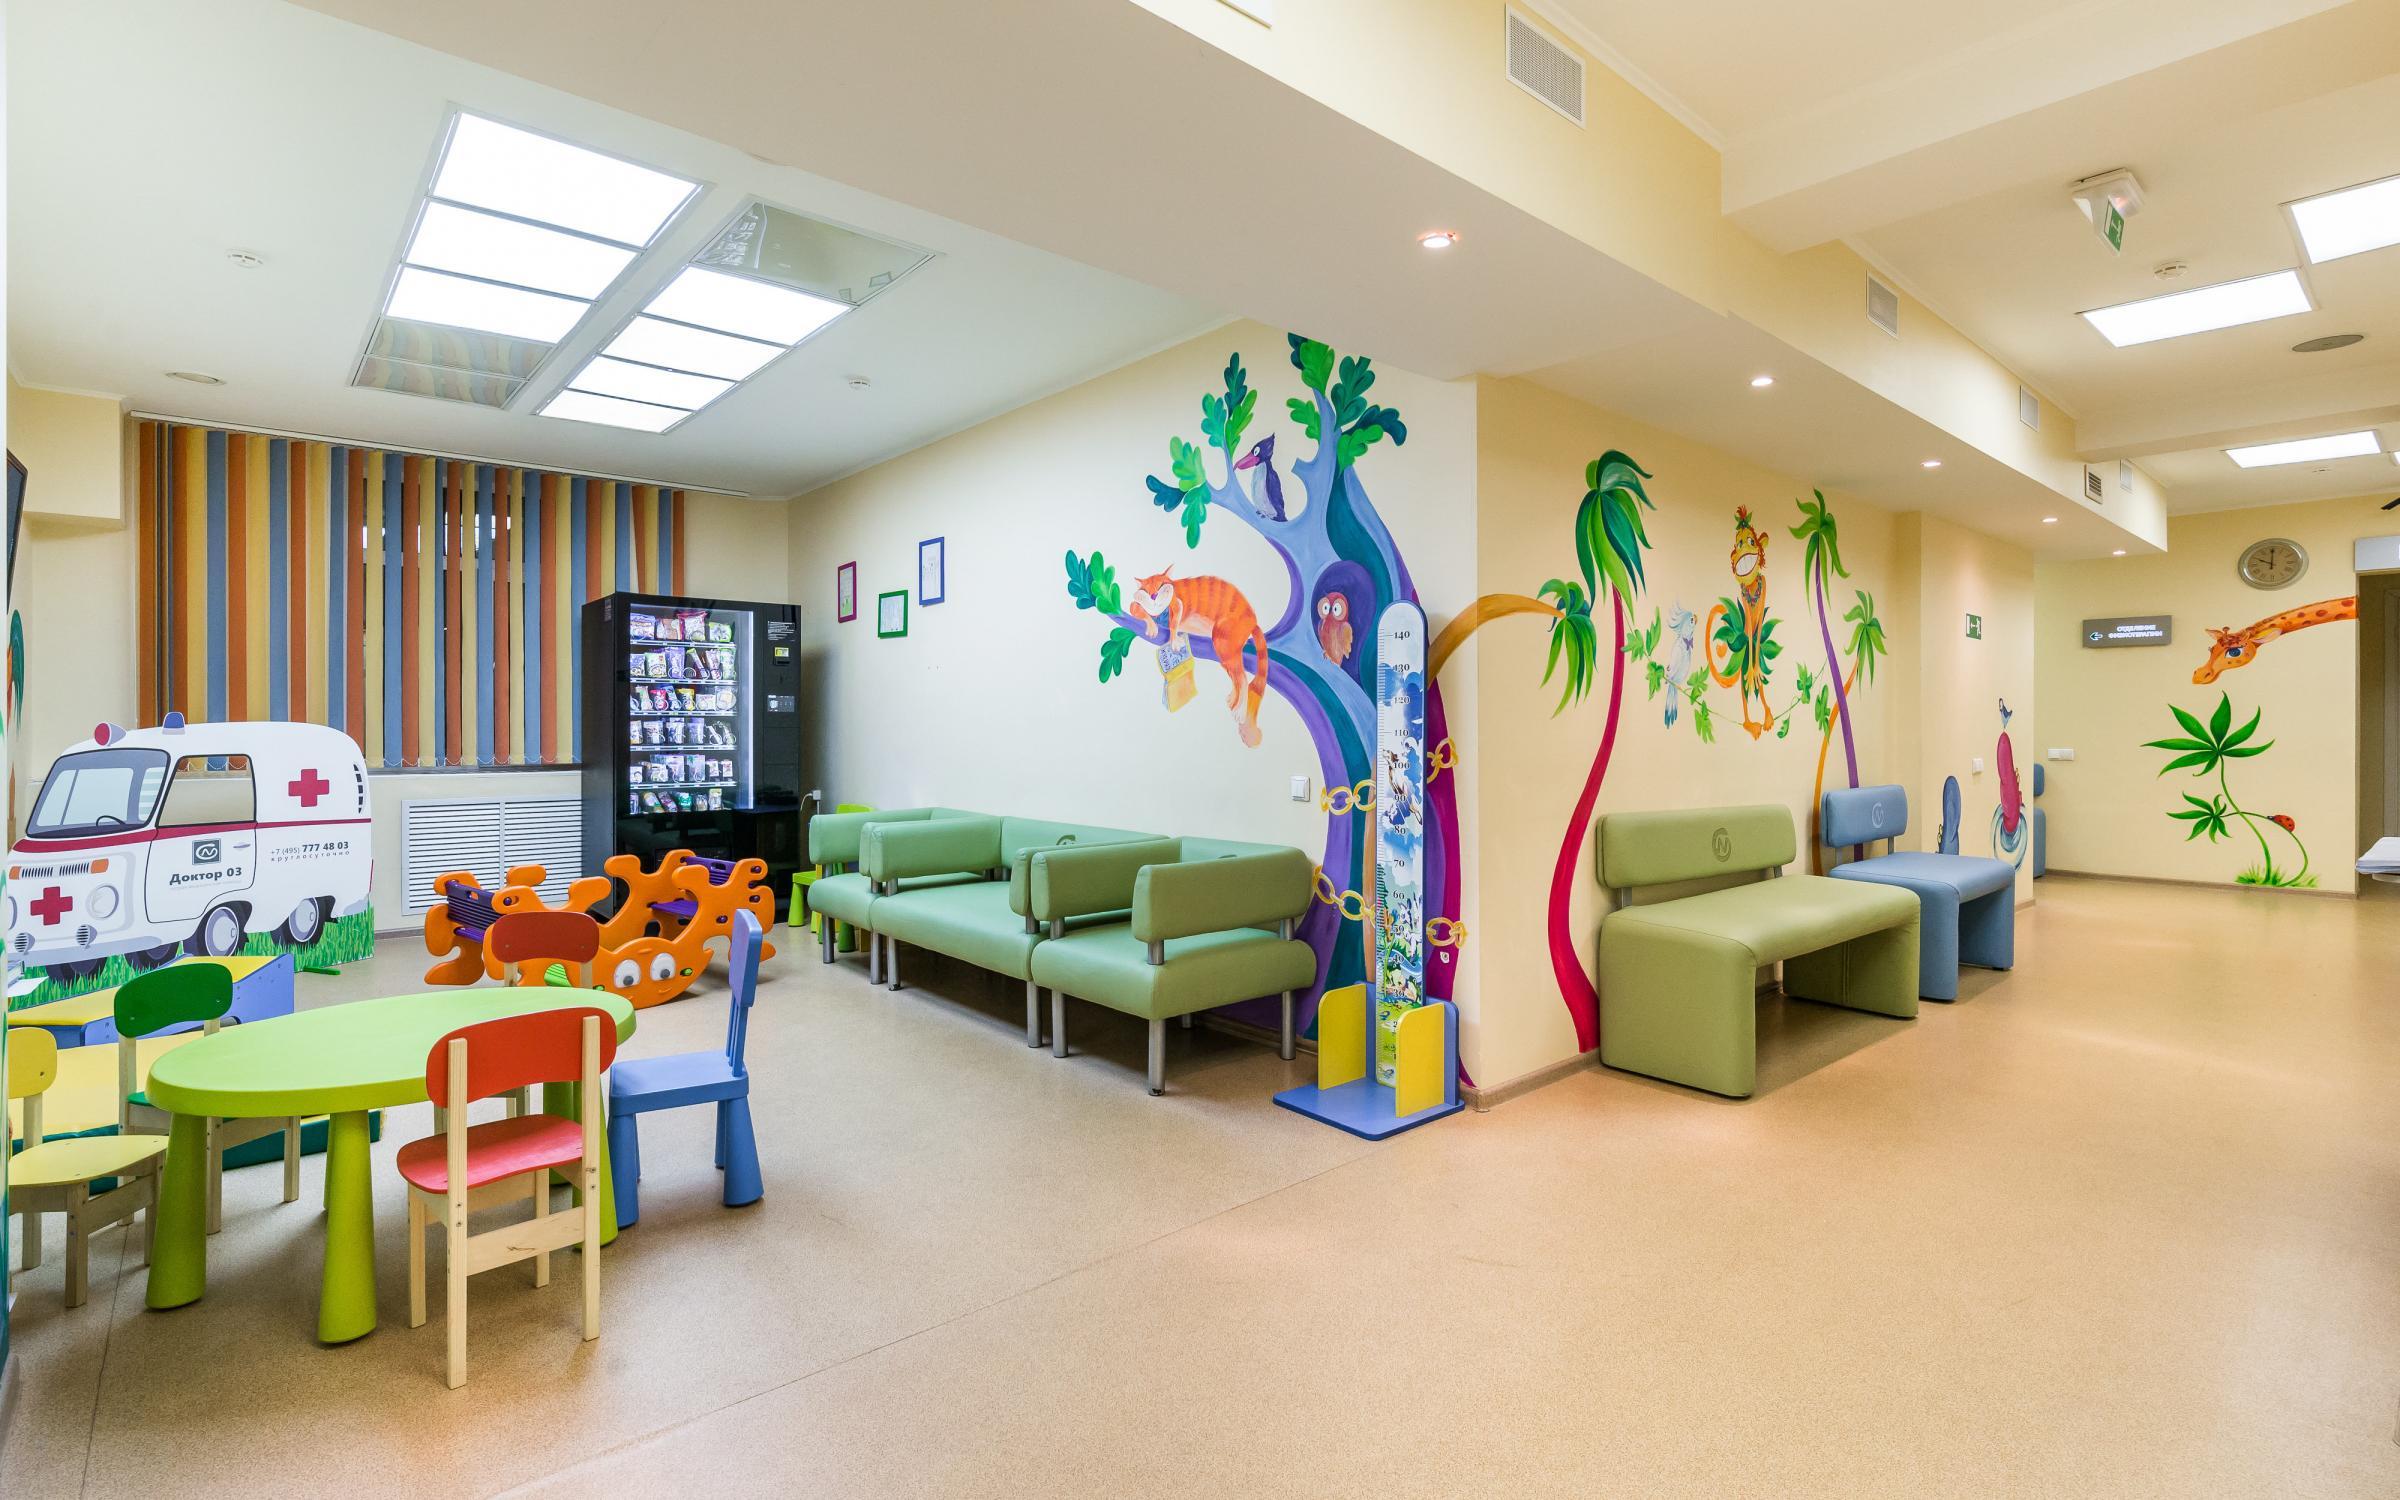 Какие есть детские медицинские центры в Самаре?